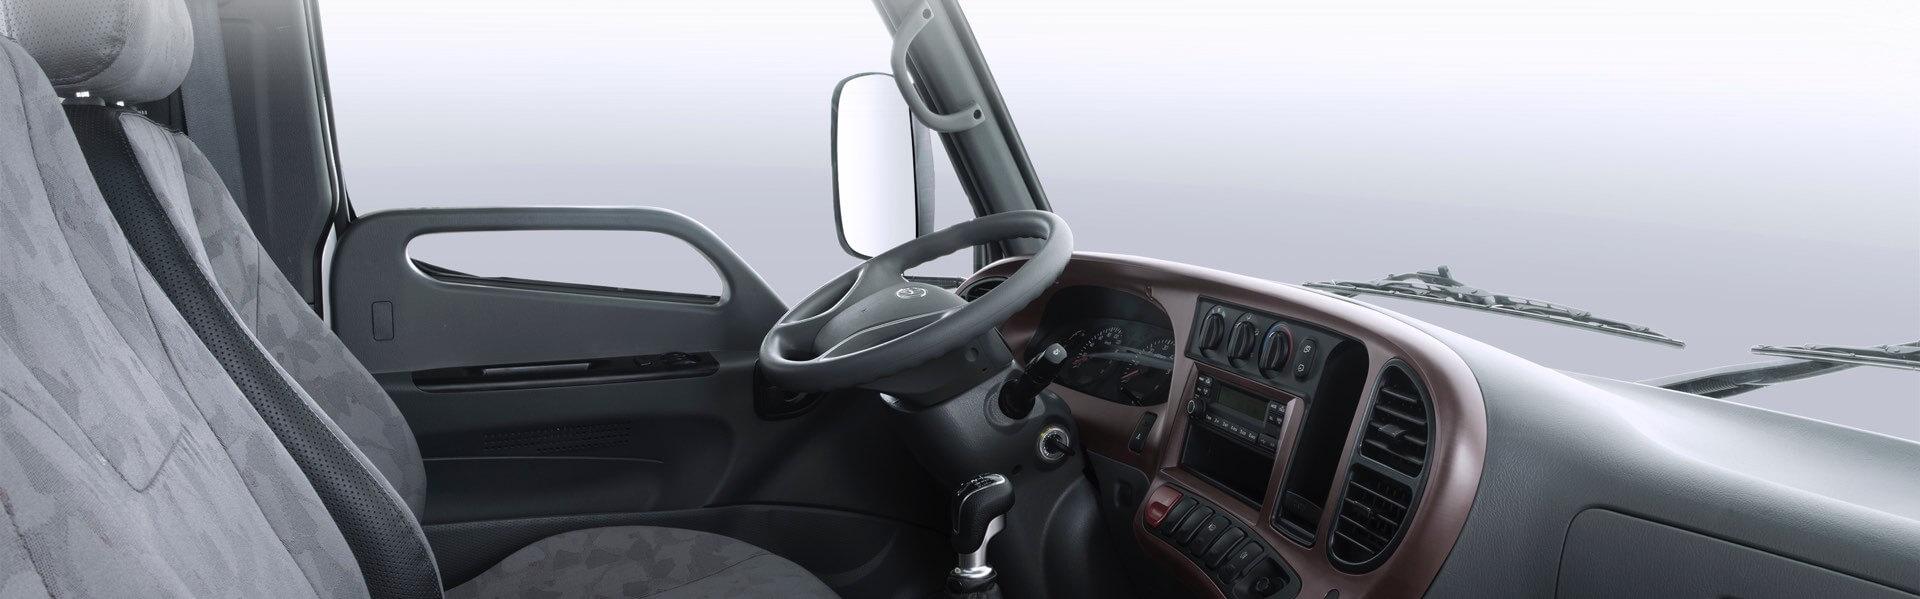 nội thất xe Hyundai New Mighty N250 2.49 tấn